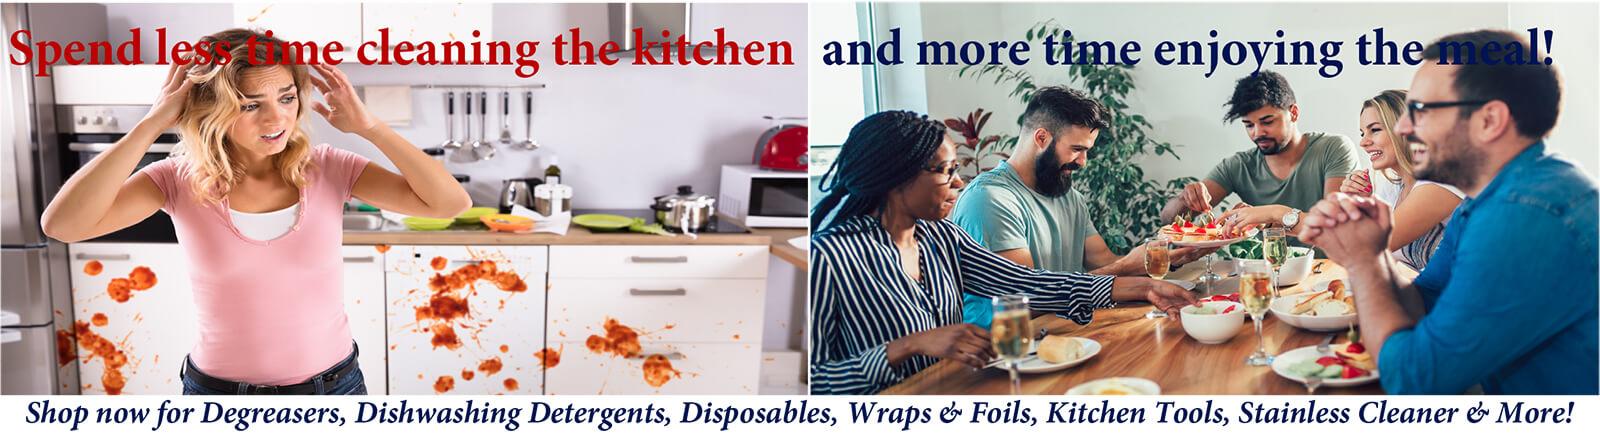 kitchen-banner.jpg